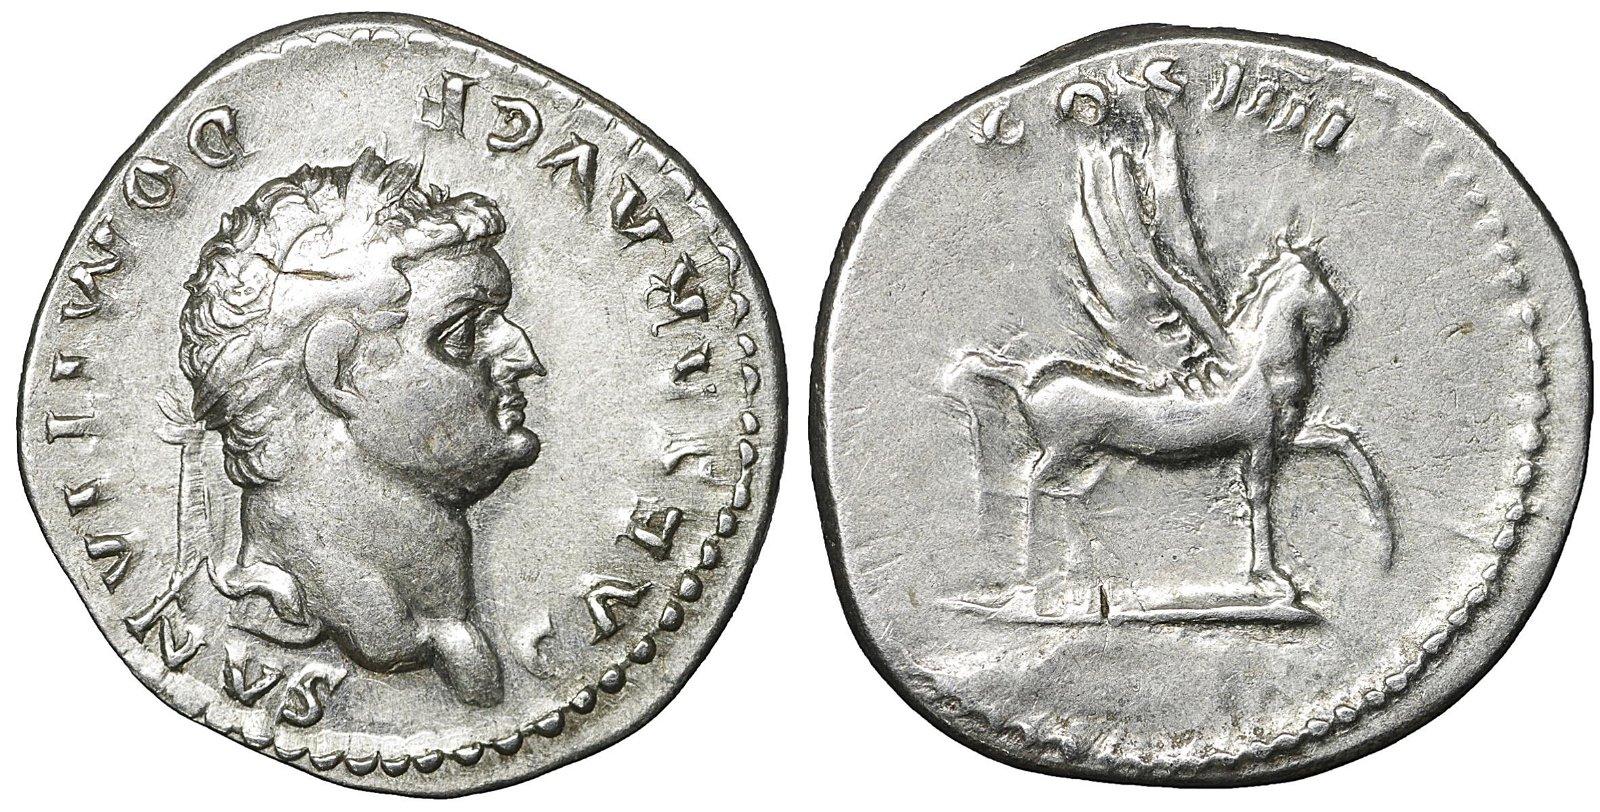 Domitian Silver Denarius 96 AD Scarce XF Roman empire